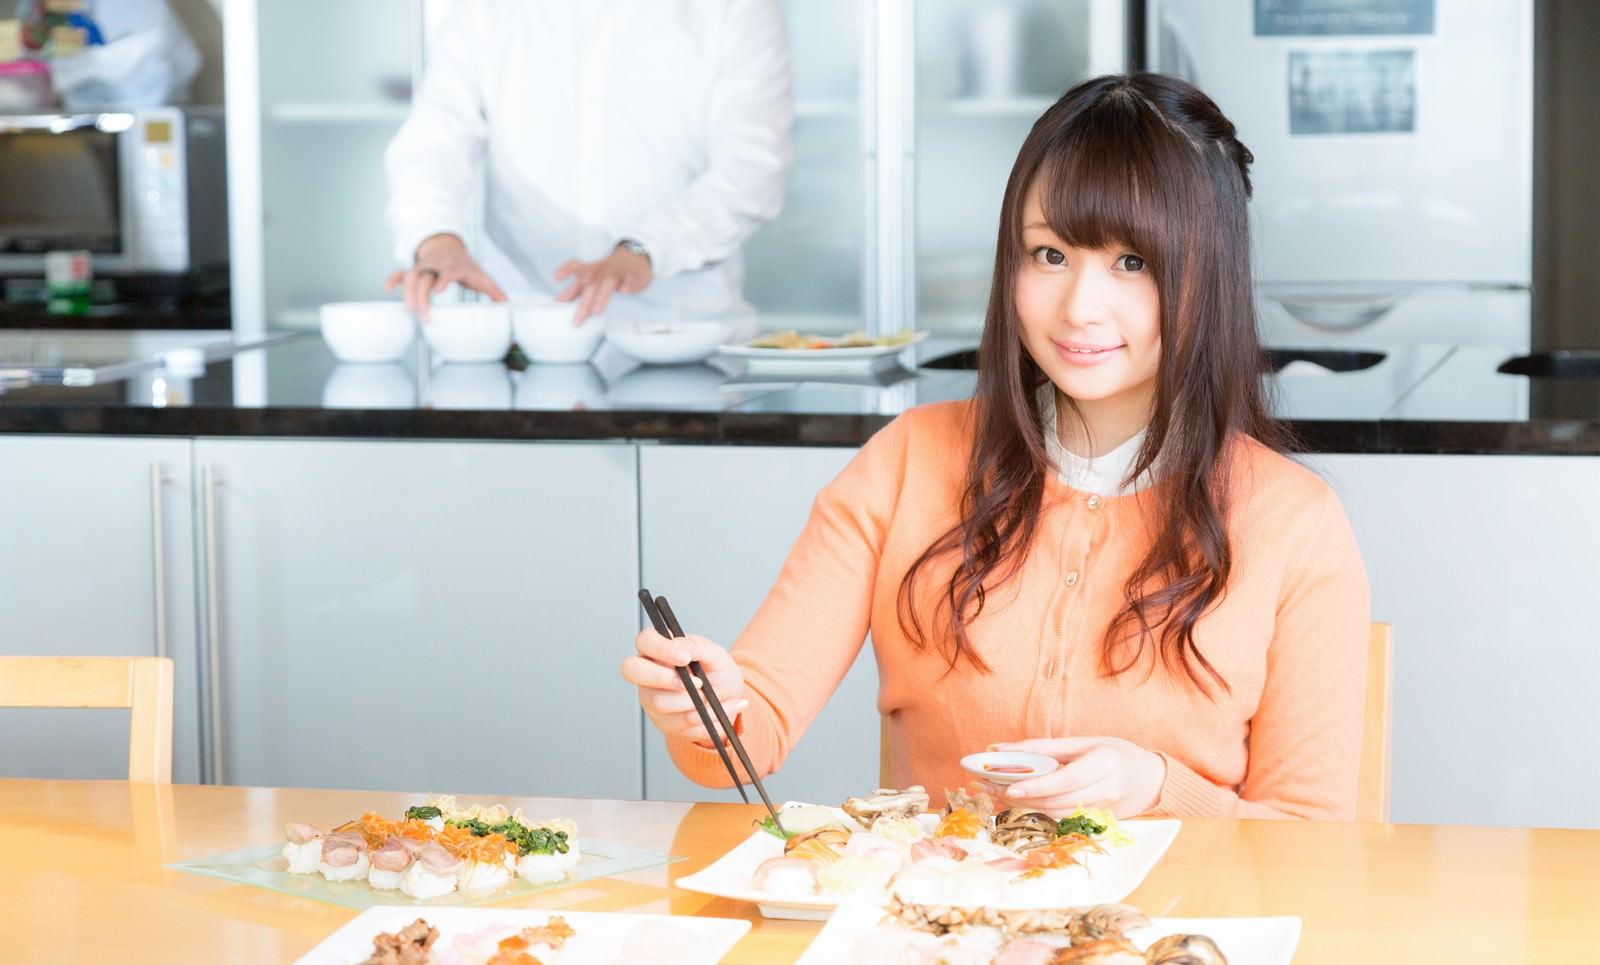 「食レポ中の人気女性アナウンサー」の写真[モデル:茜さや]